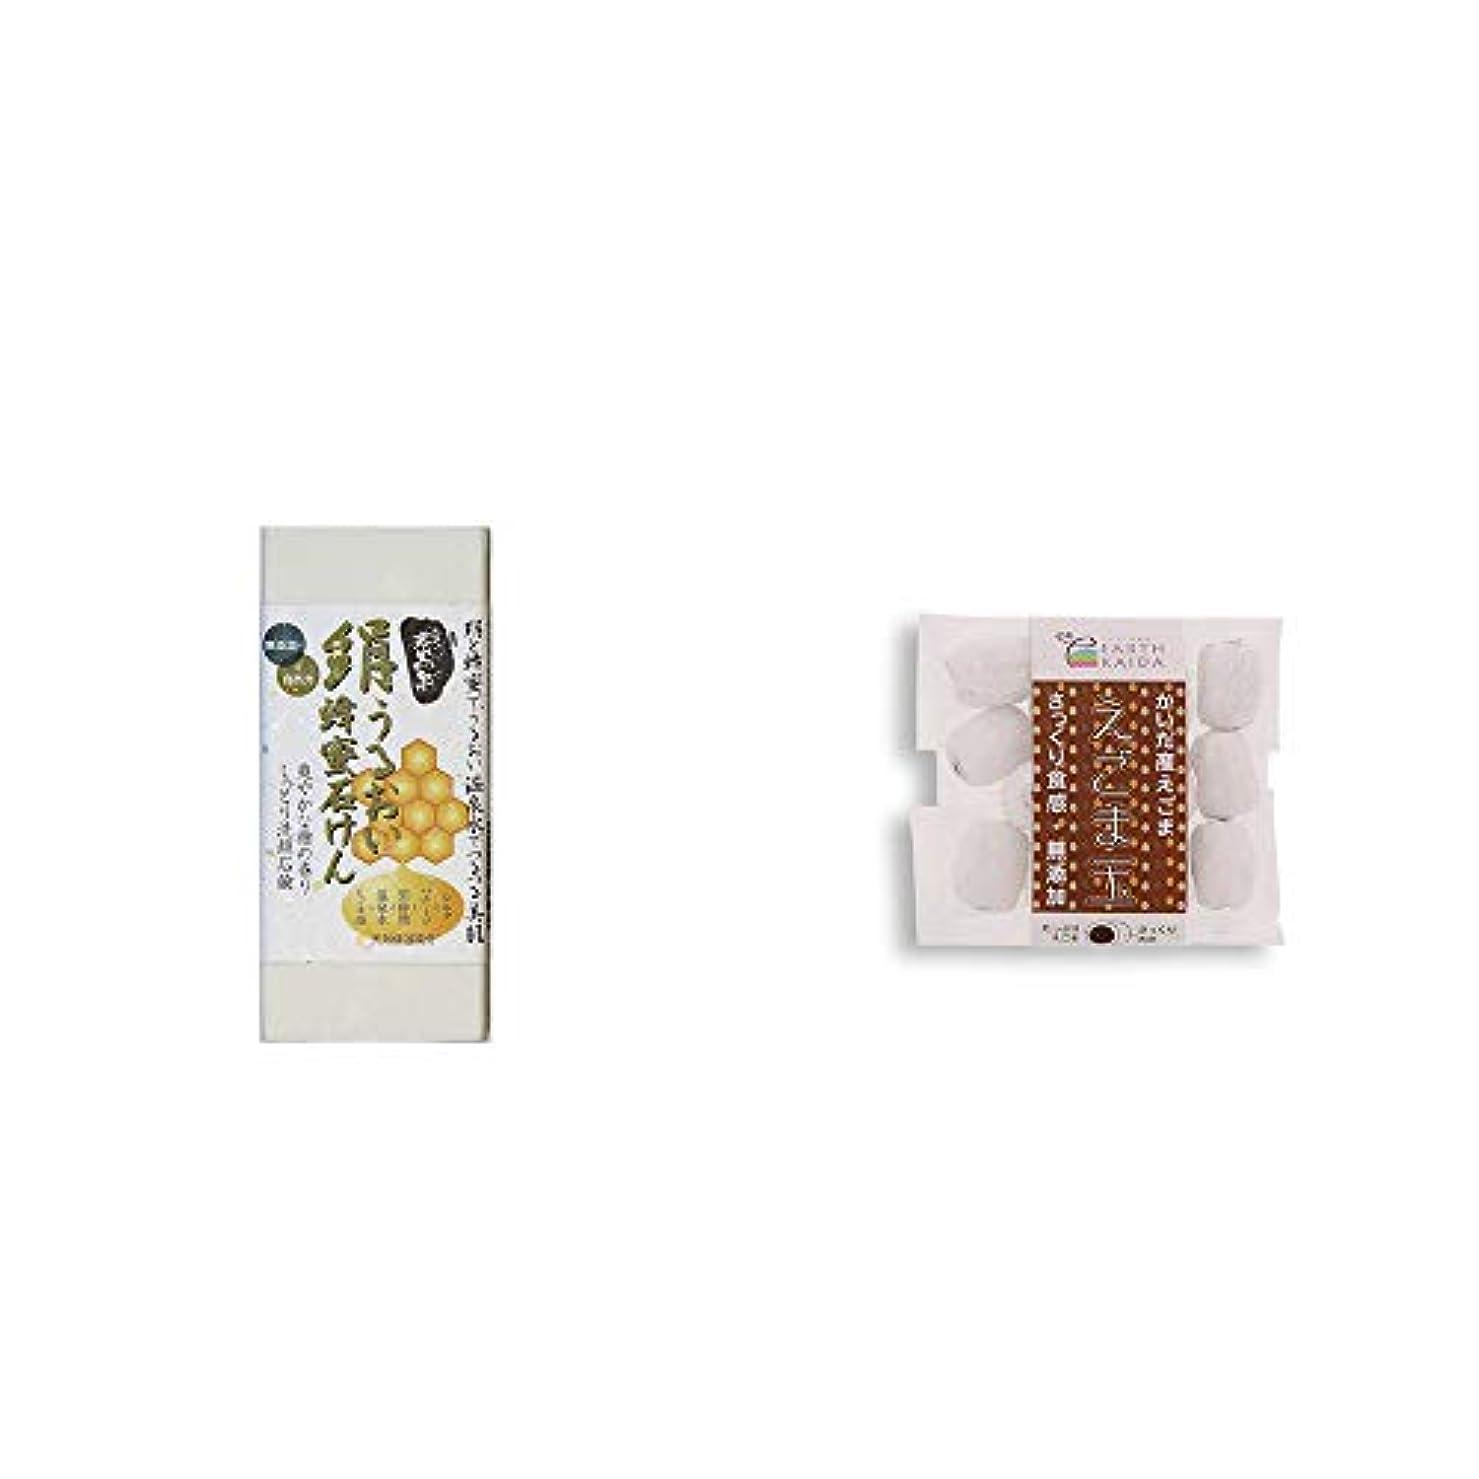 束コア速度[2点セット] ひのき炭黒泉 絹うるおい蜂蜜石けん(75g×2)?開田産えごま使用 えごま玉(100g)